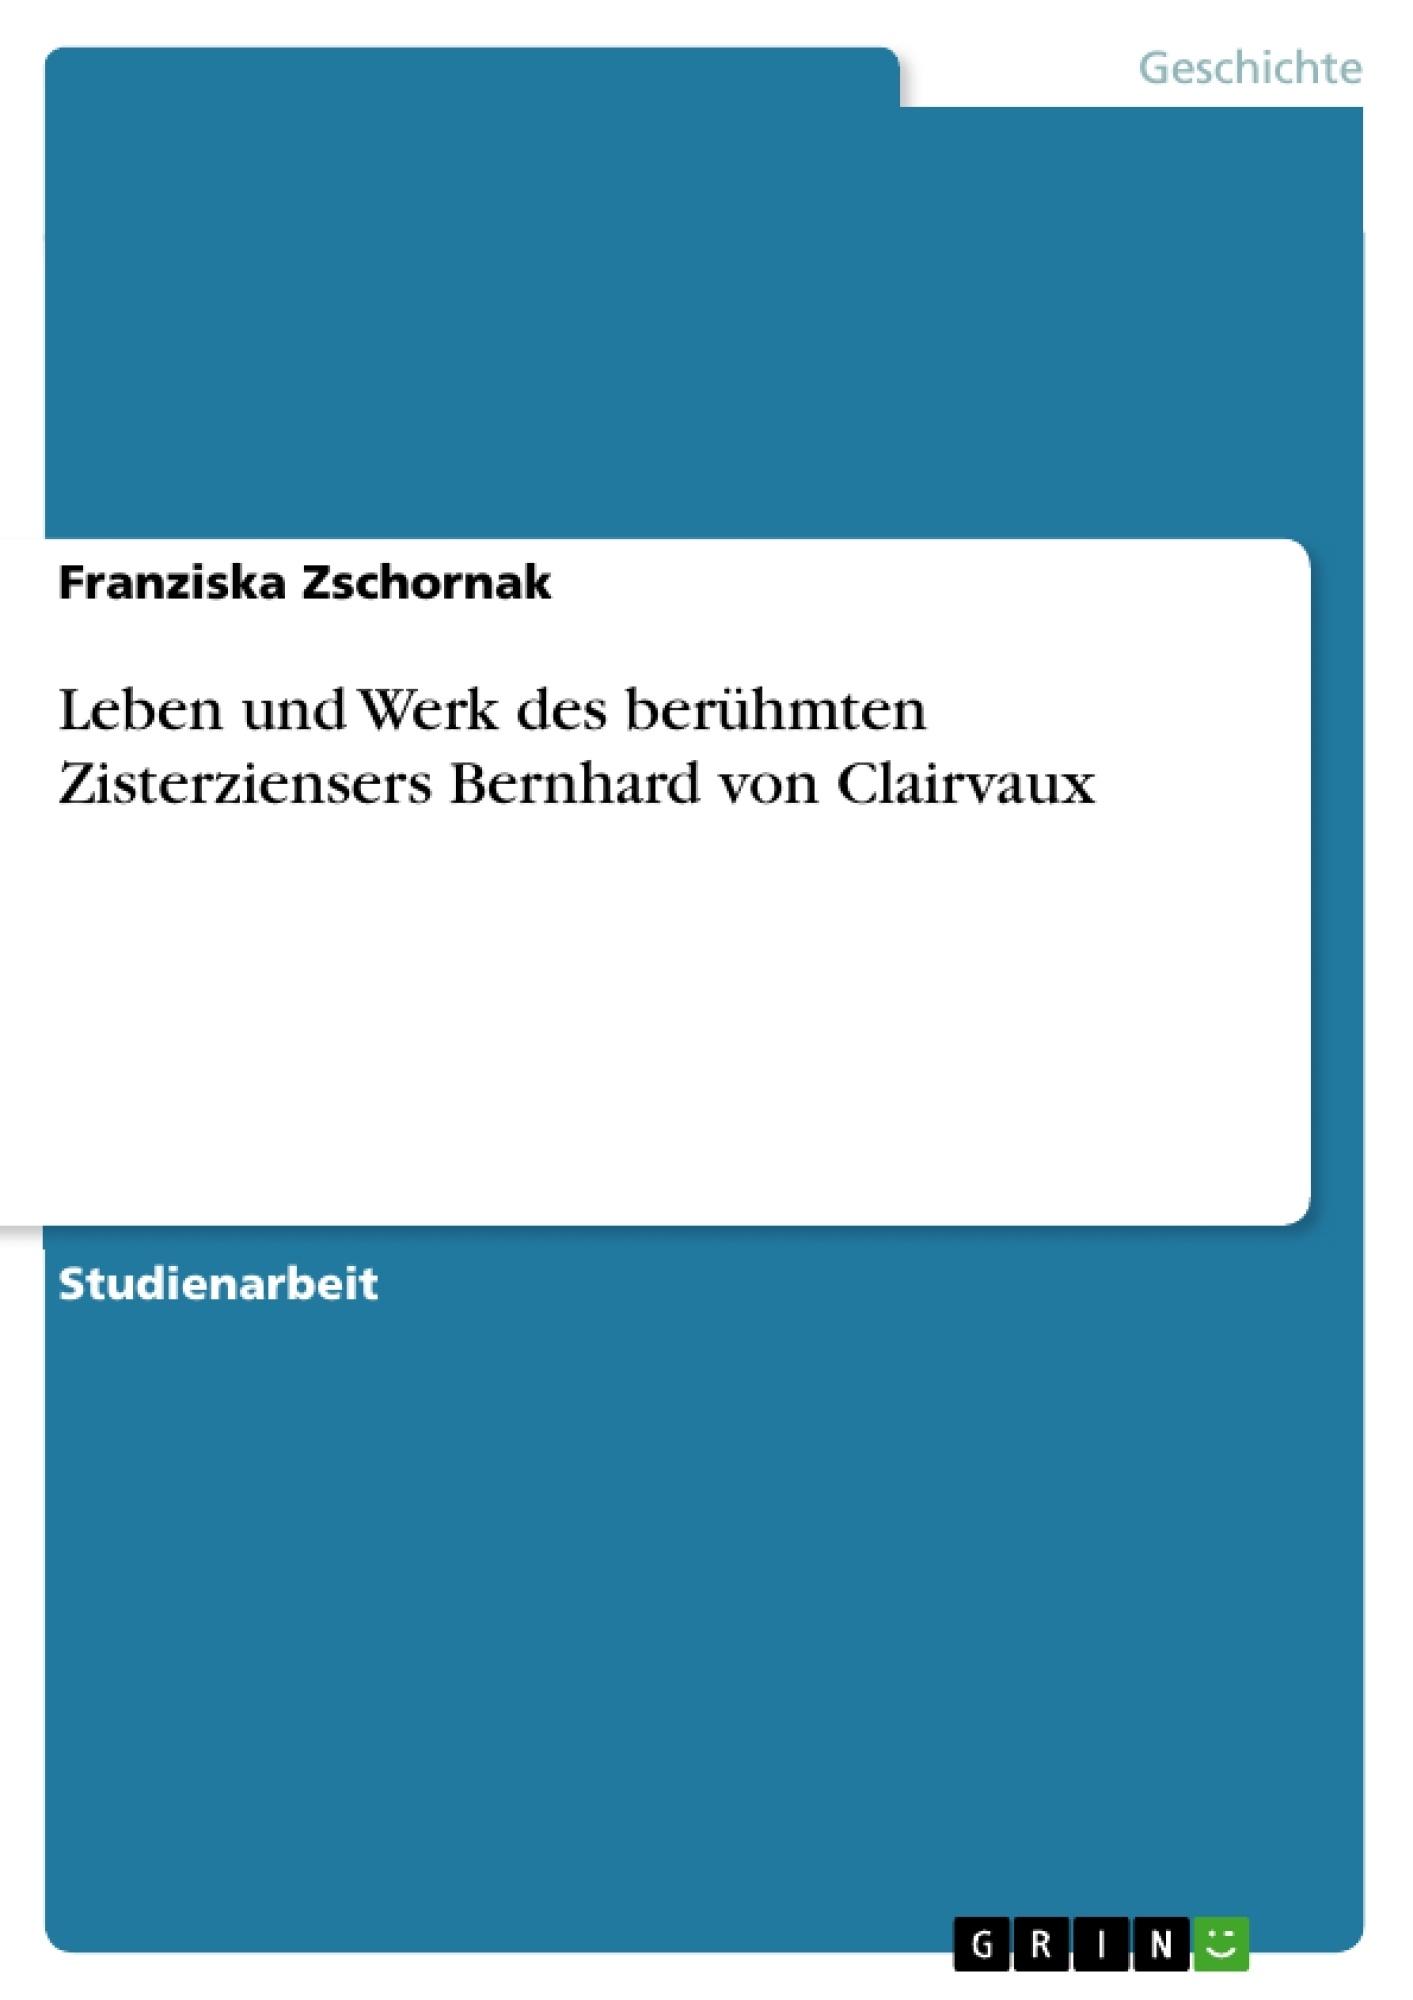 Titel: Leben und Werk des berühmten Zisterziensers Bernhard von Clairvaux